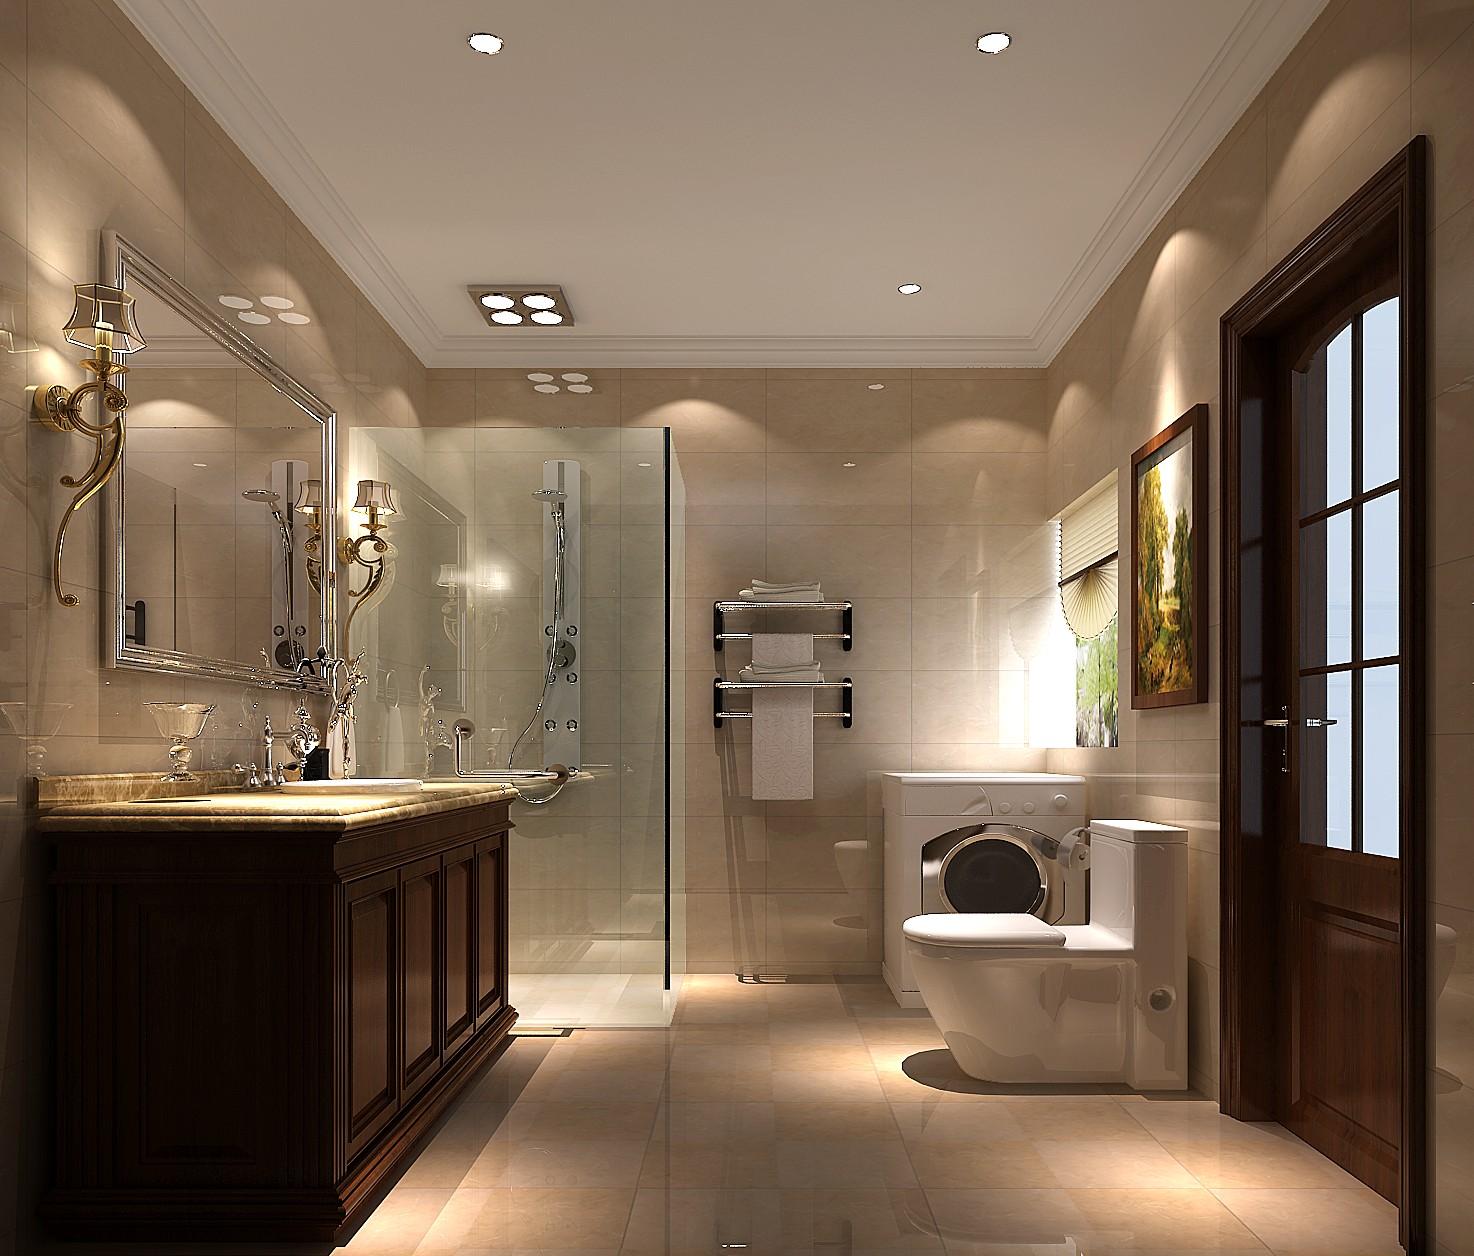 高度国际 御翠尚府 复式 欧式 卫生间图片来自高度国际在高度国际-设计装饰复式楼的分享